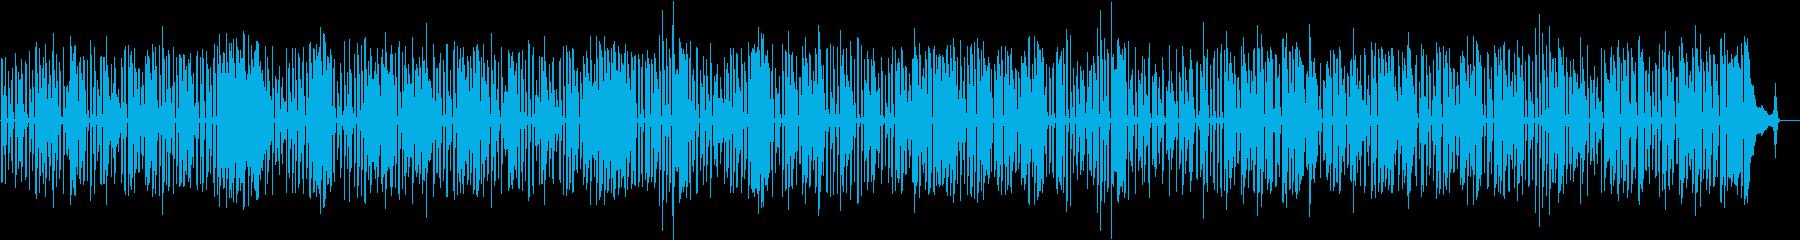 ワクワクするCM・軽快なソロジャズピアノの再生済みの波形